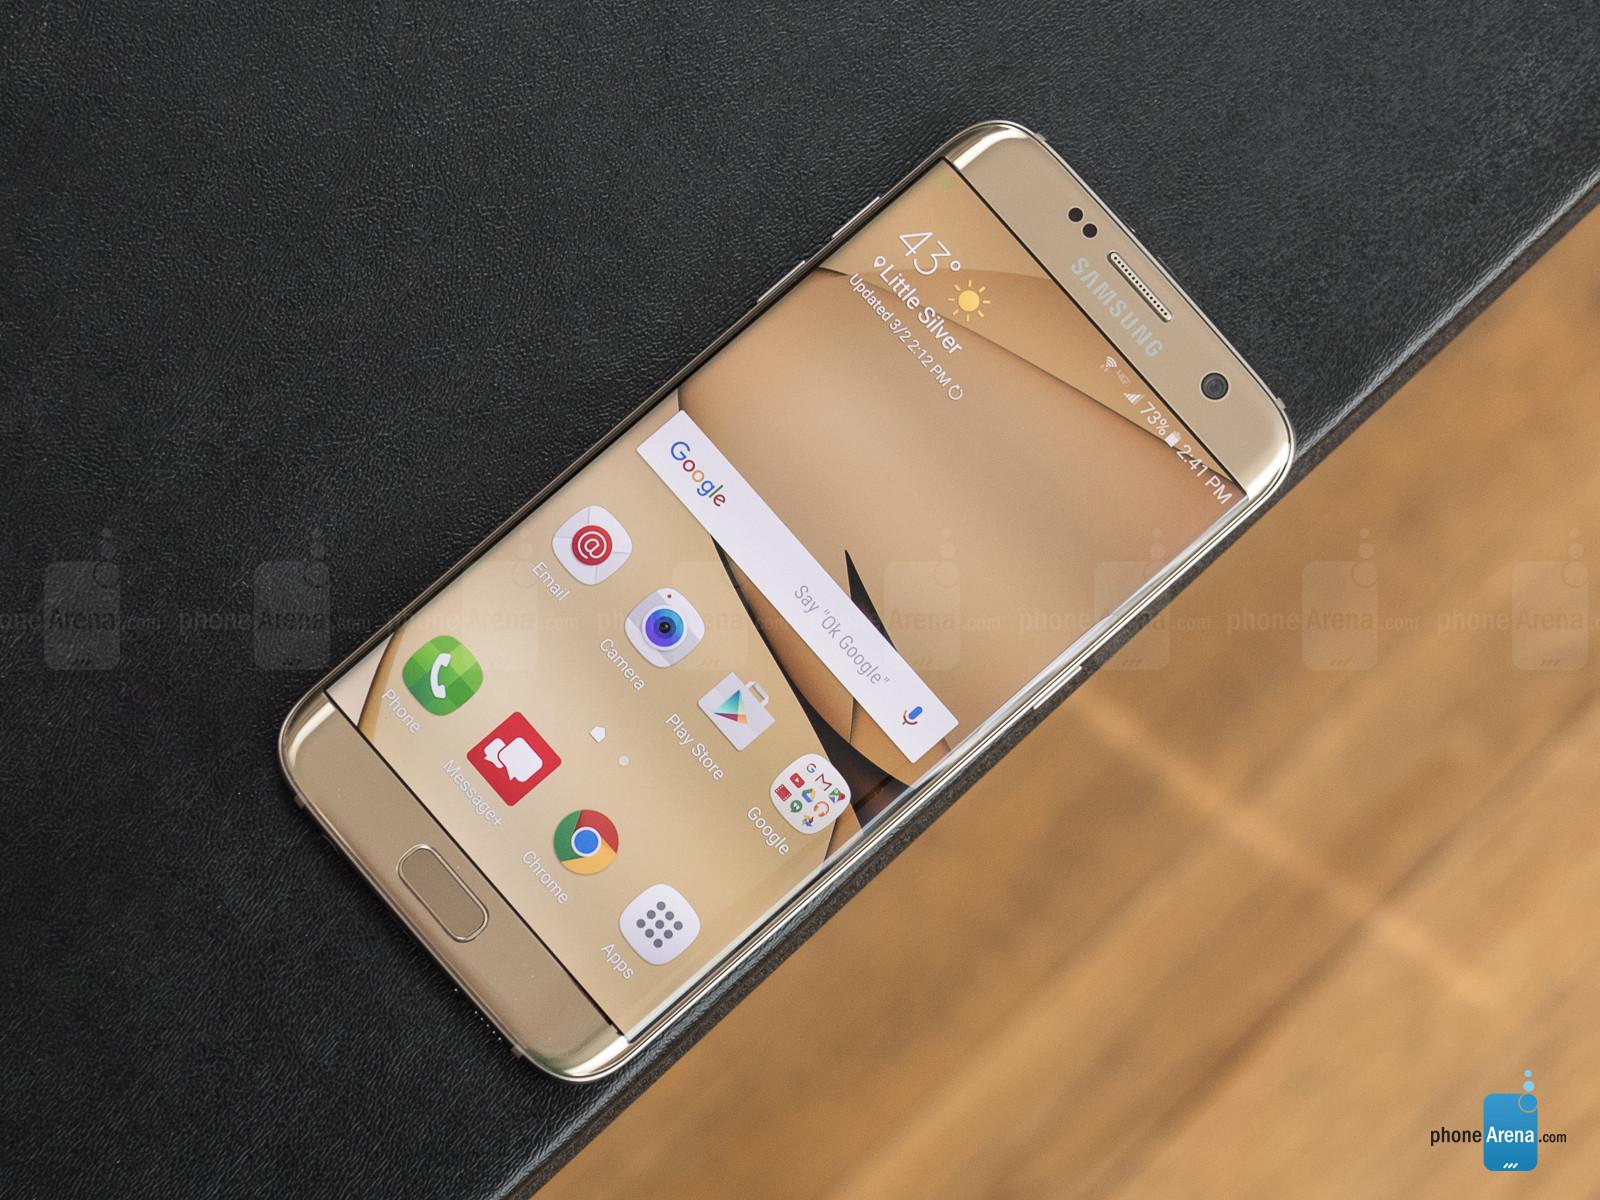 """گلکسی اس ۷ به عنوان """"پر استفادهترین"""" دستگاه در سه ماهه اول سال ۲۰۱۷ لقب گرفت"""